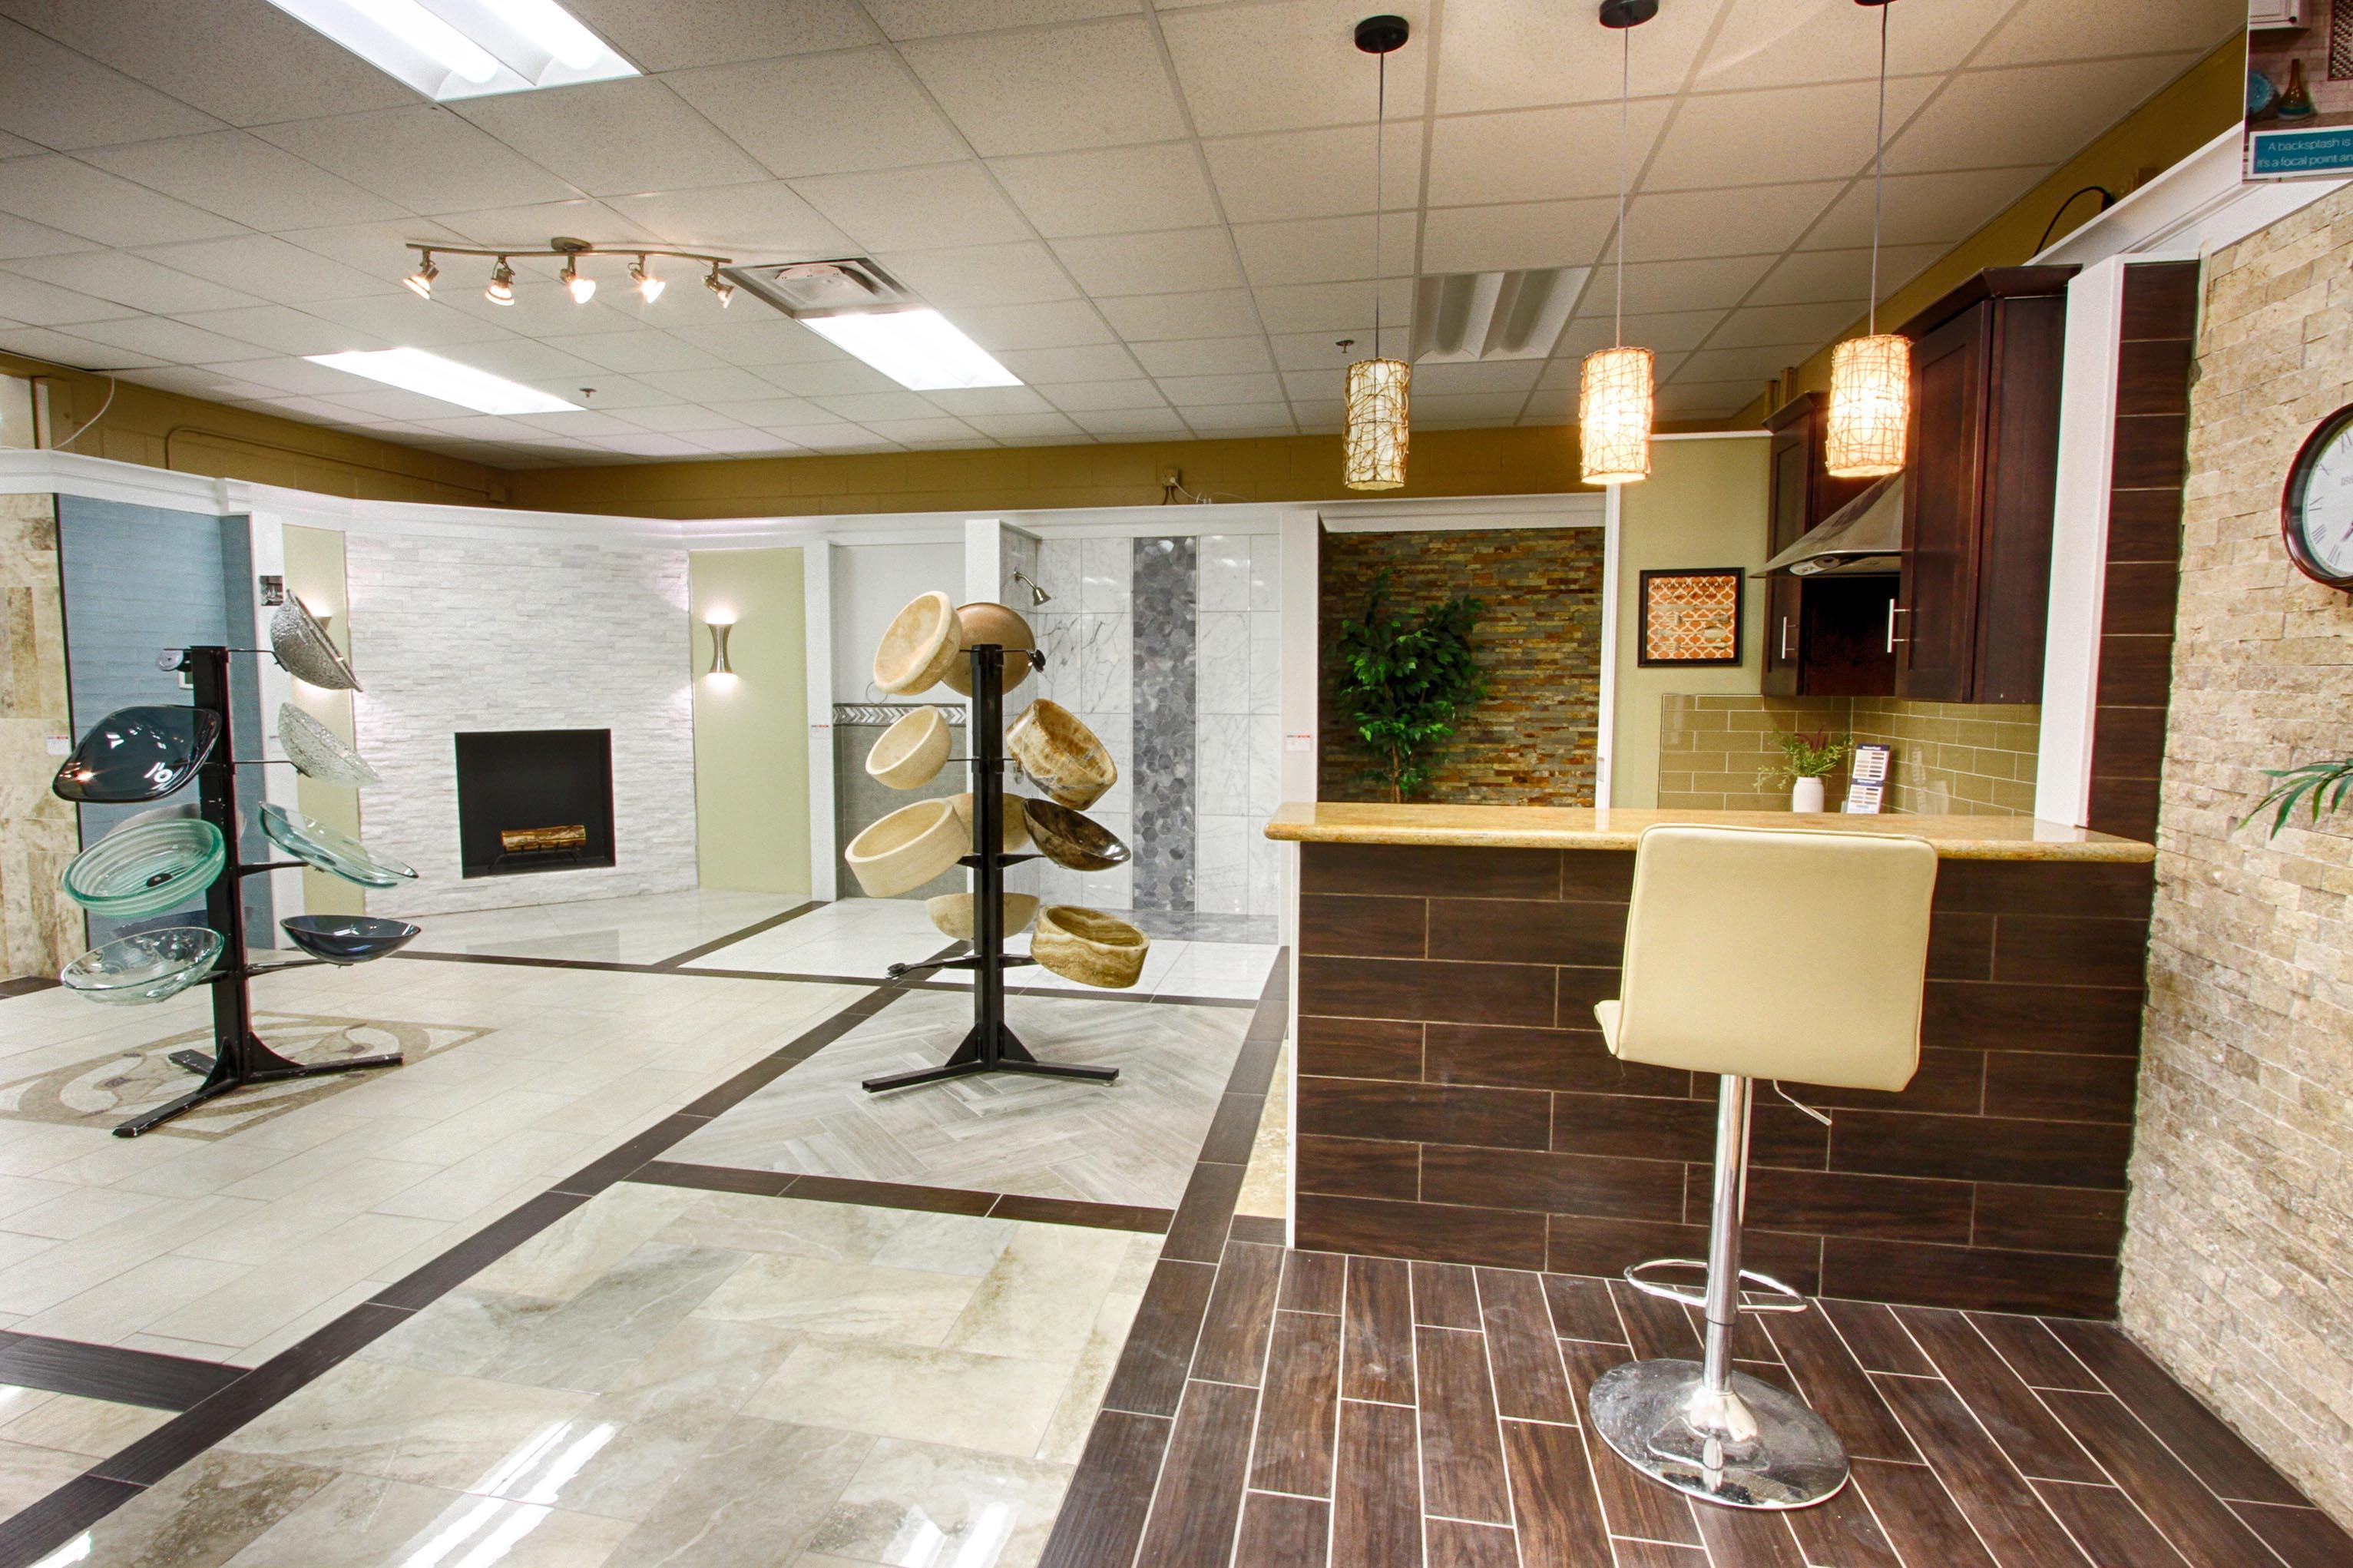 Floor & Decor image 29